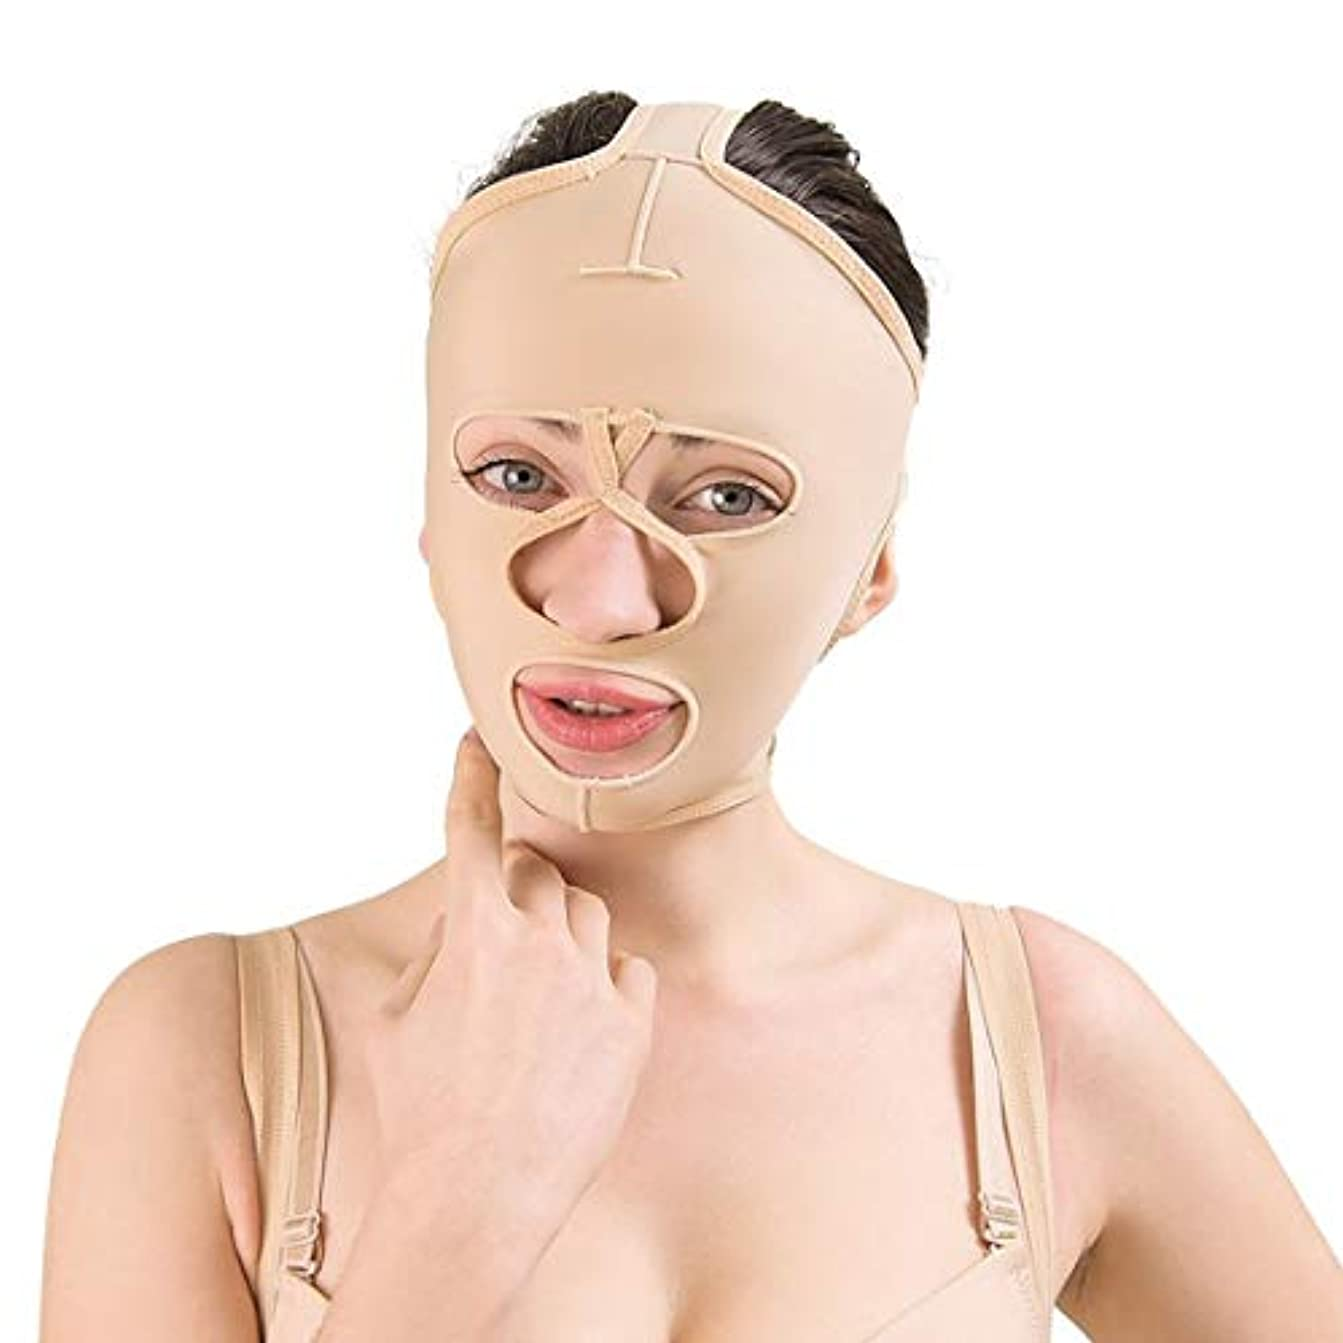 自己クランプ楽しませるZWBD フェイスマスク, フェイスリフト包帯医療弾性スリーブ顔面下顎形成外科術後圧縮下顎スリーブ補助修復マスクしわを削除する (Size : S)